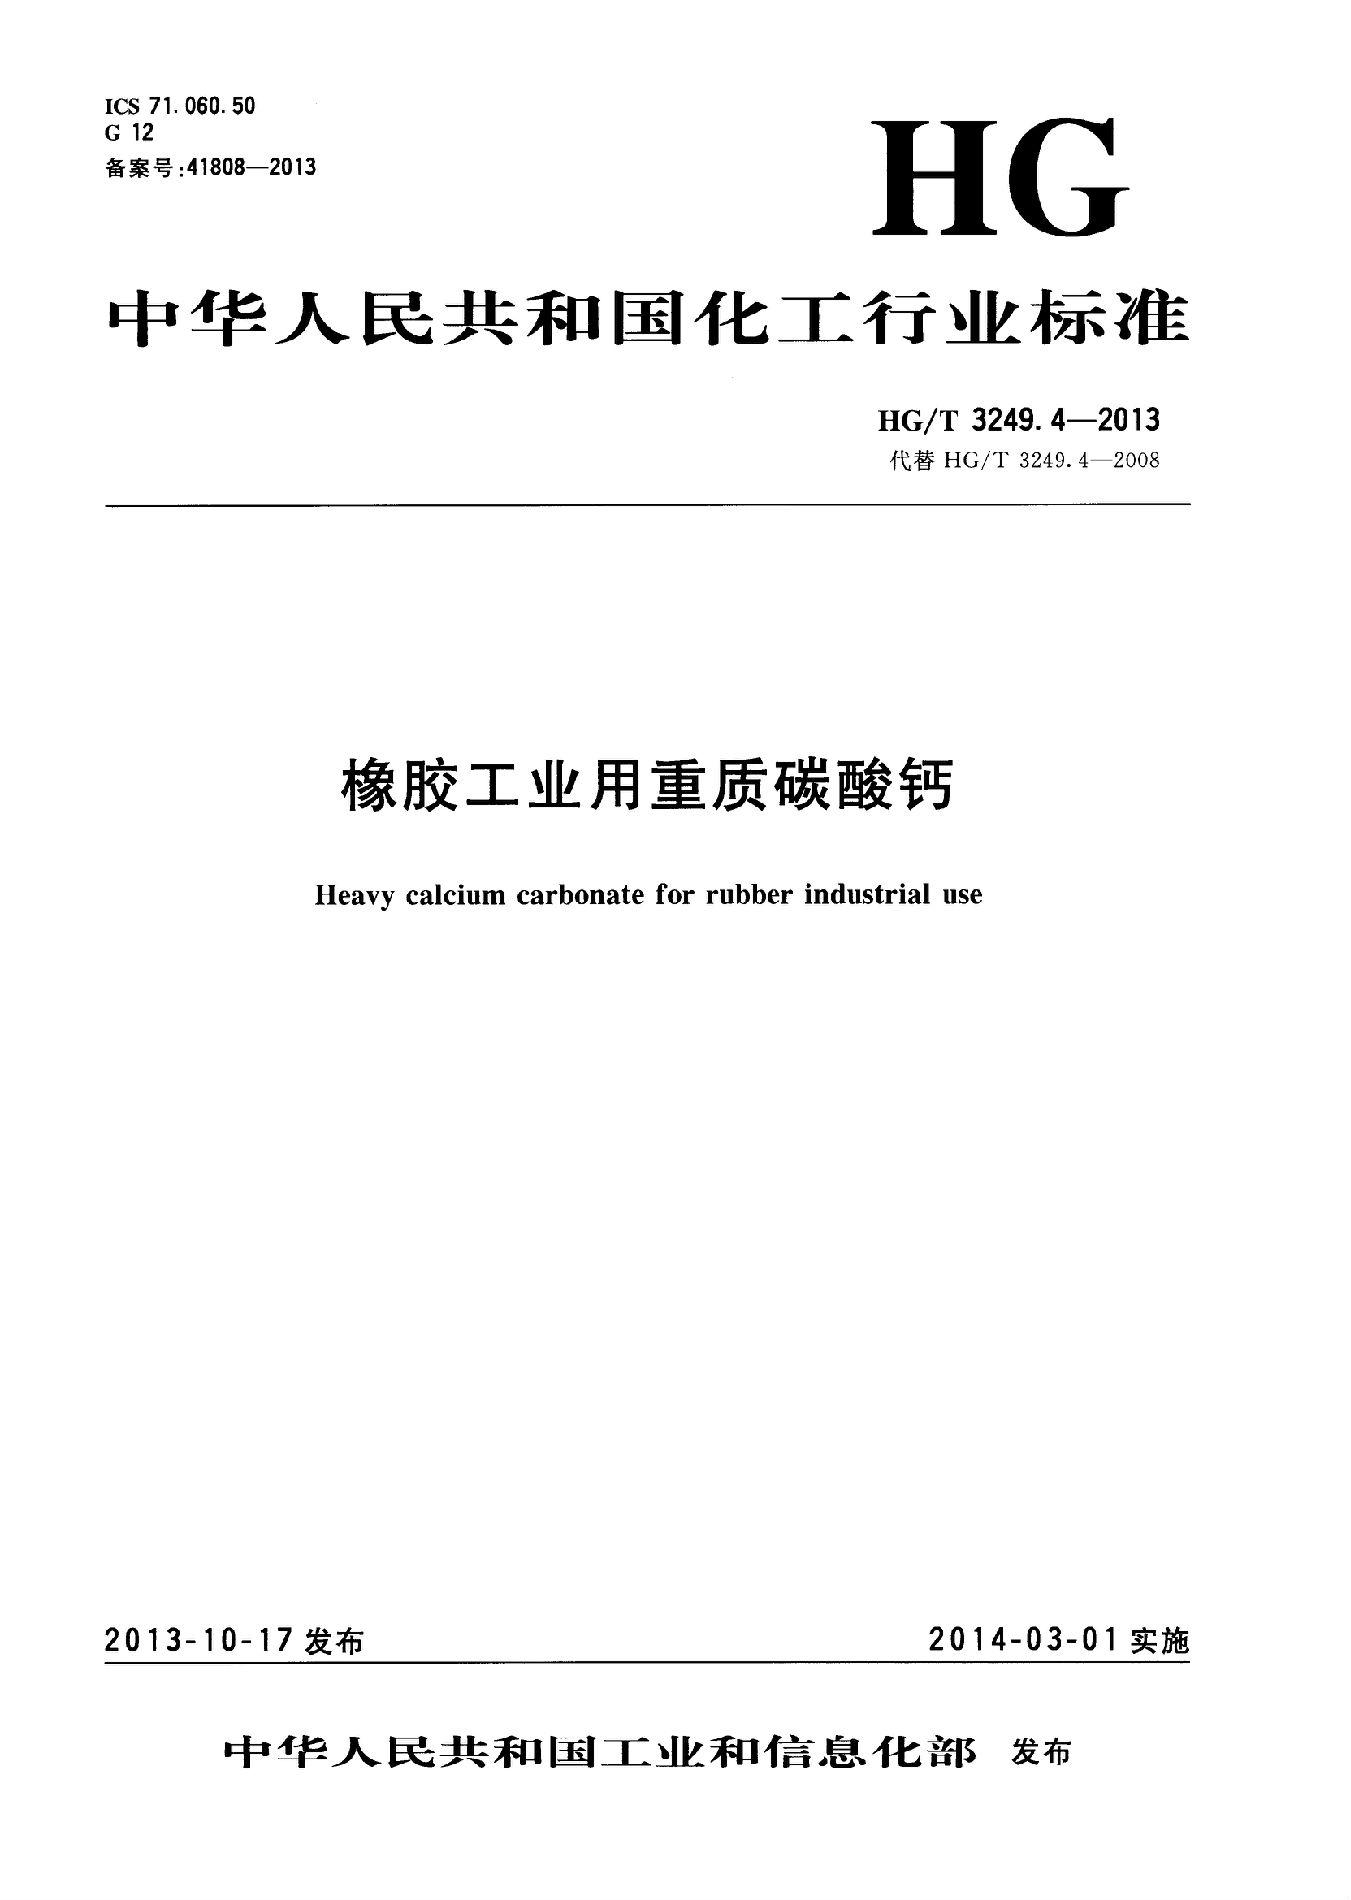 橡胶工业用重质碳酸钙标准-行业标准